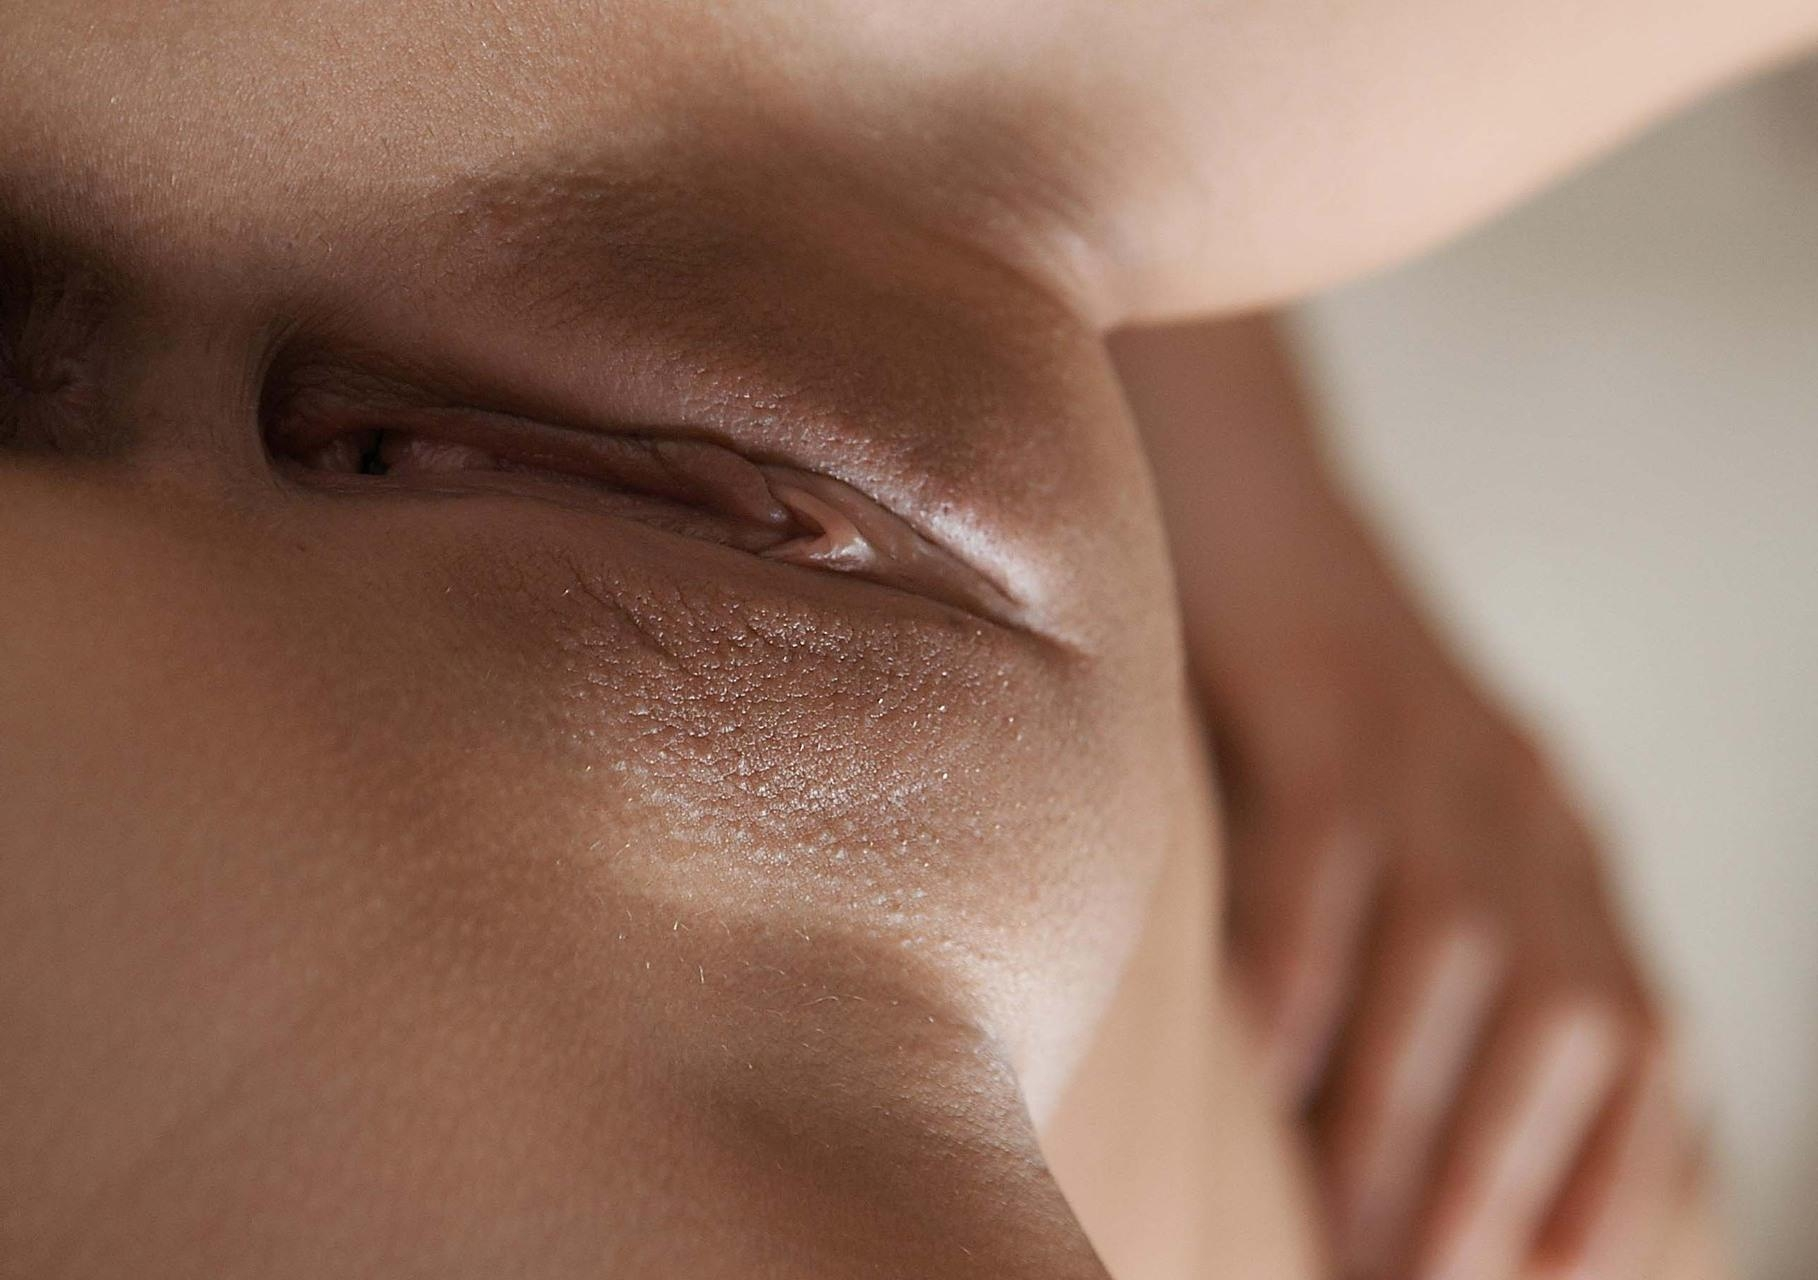 Фото Бритая пизда, половые губы, клитор, вагина, щелка, лобок, персик, скачать картинку бесплатно